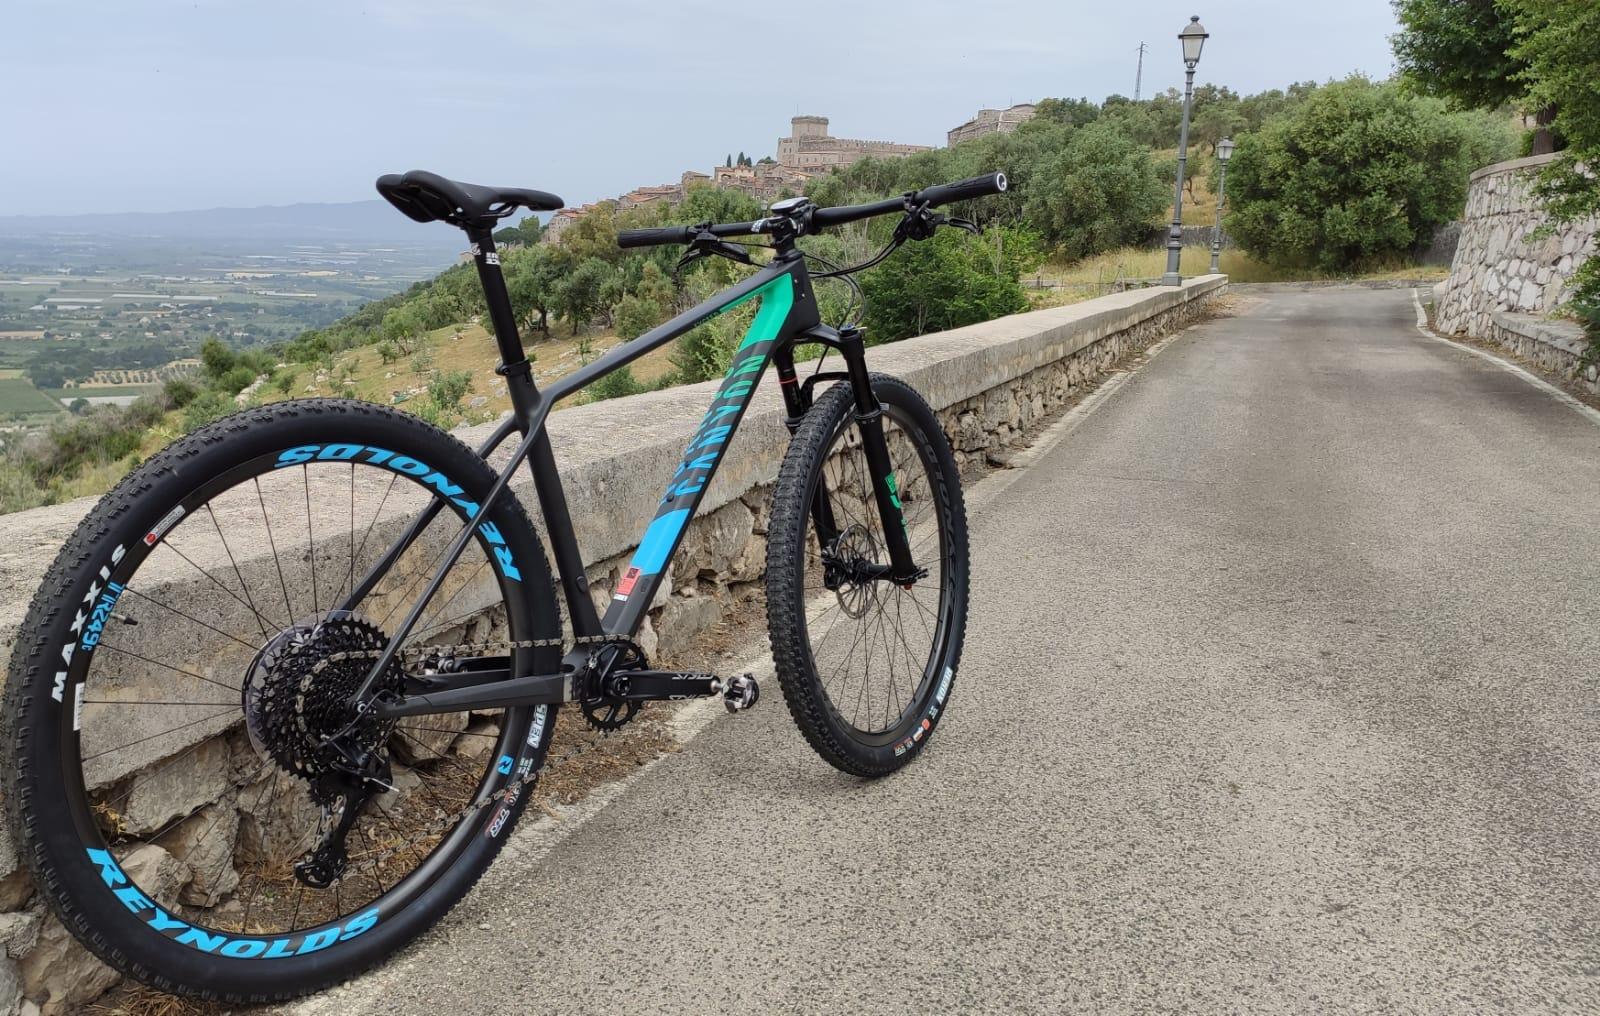 Sermoneta: vietate le bici al centro